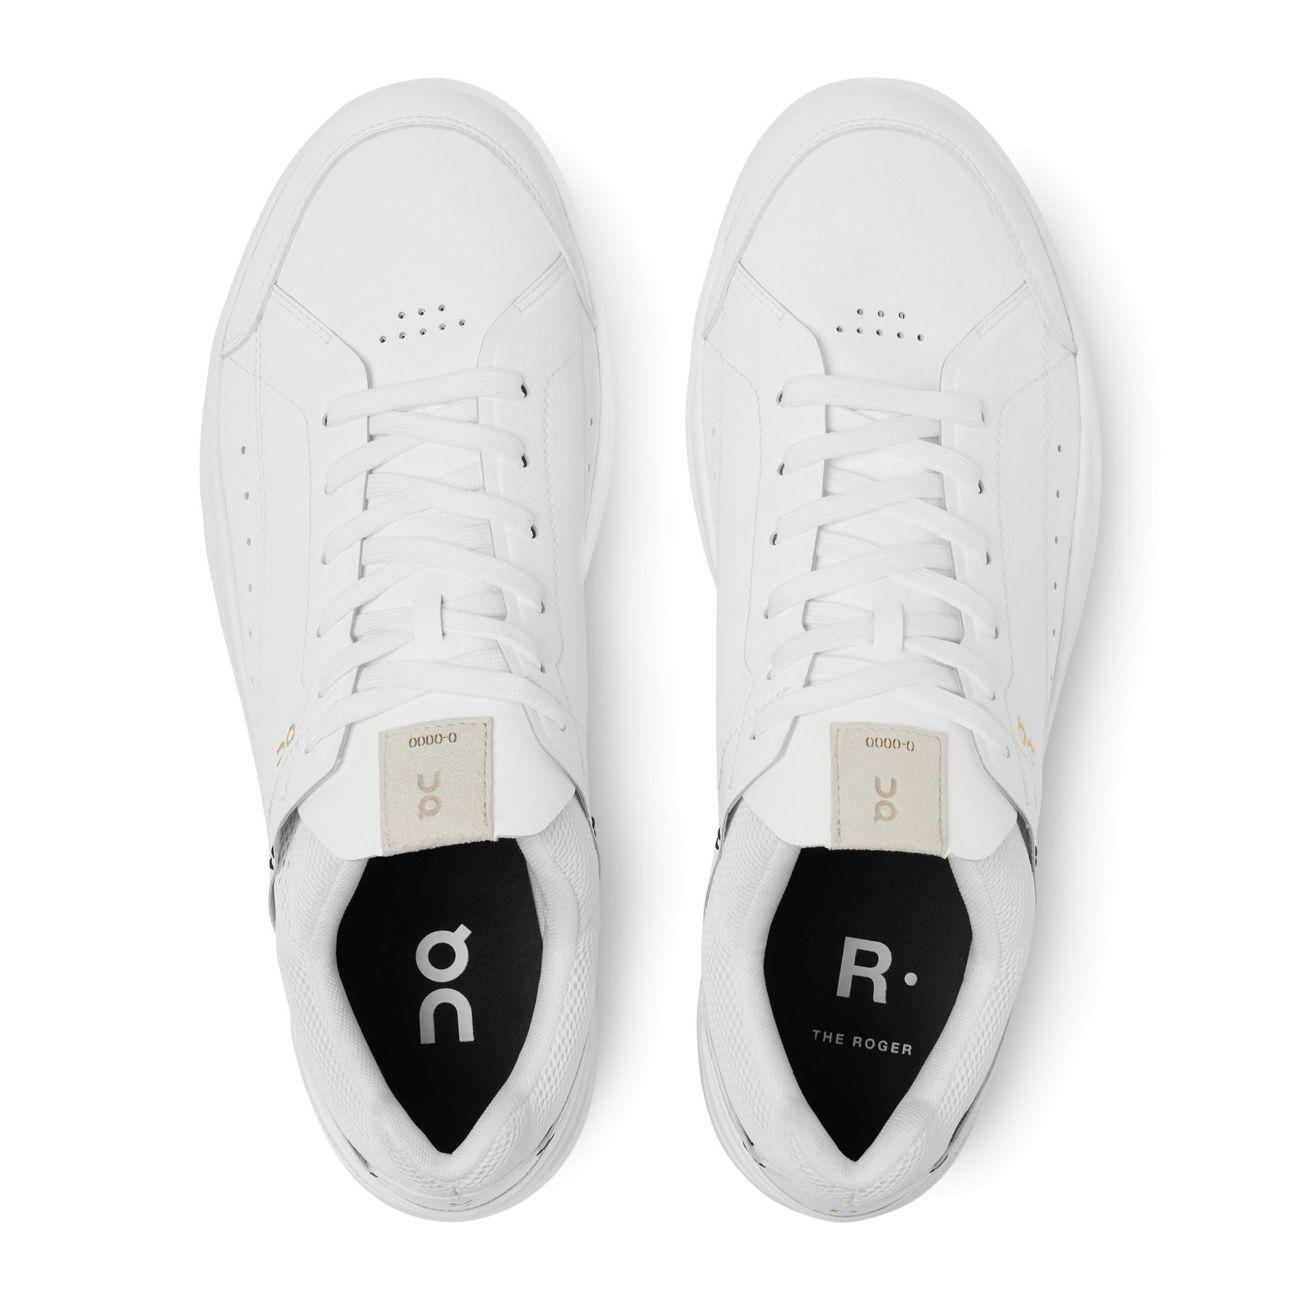 On lanza unas zapatillas de tenis junto a Roger Federer